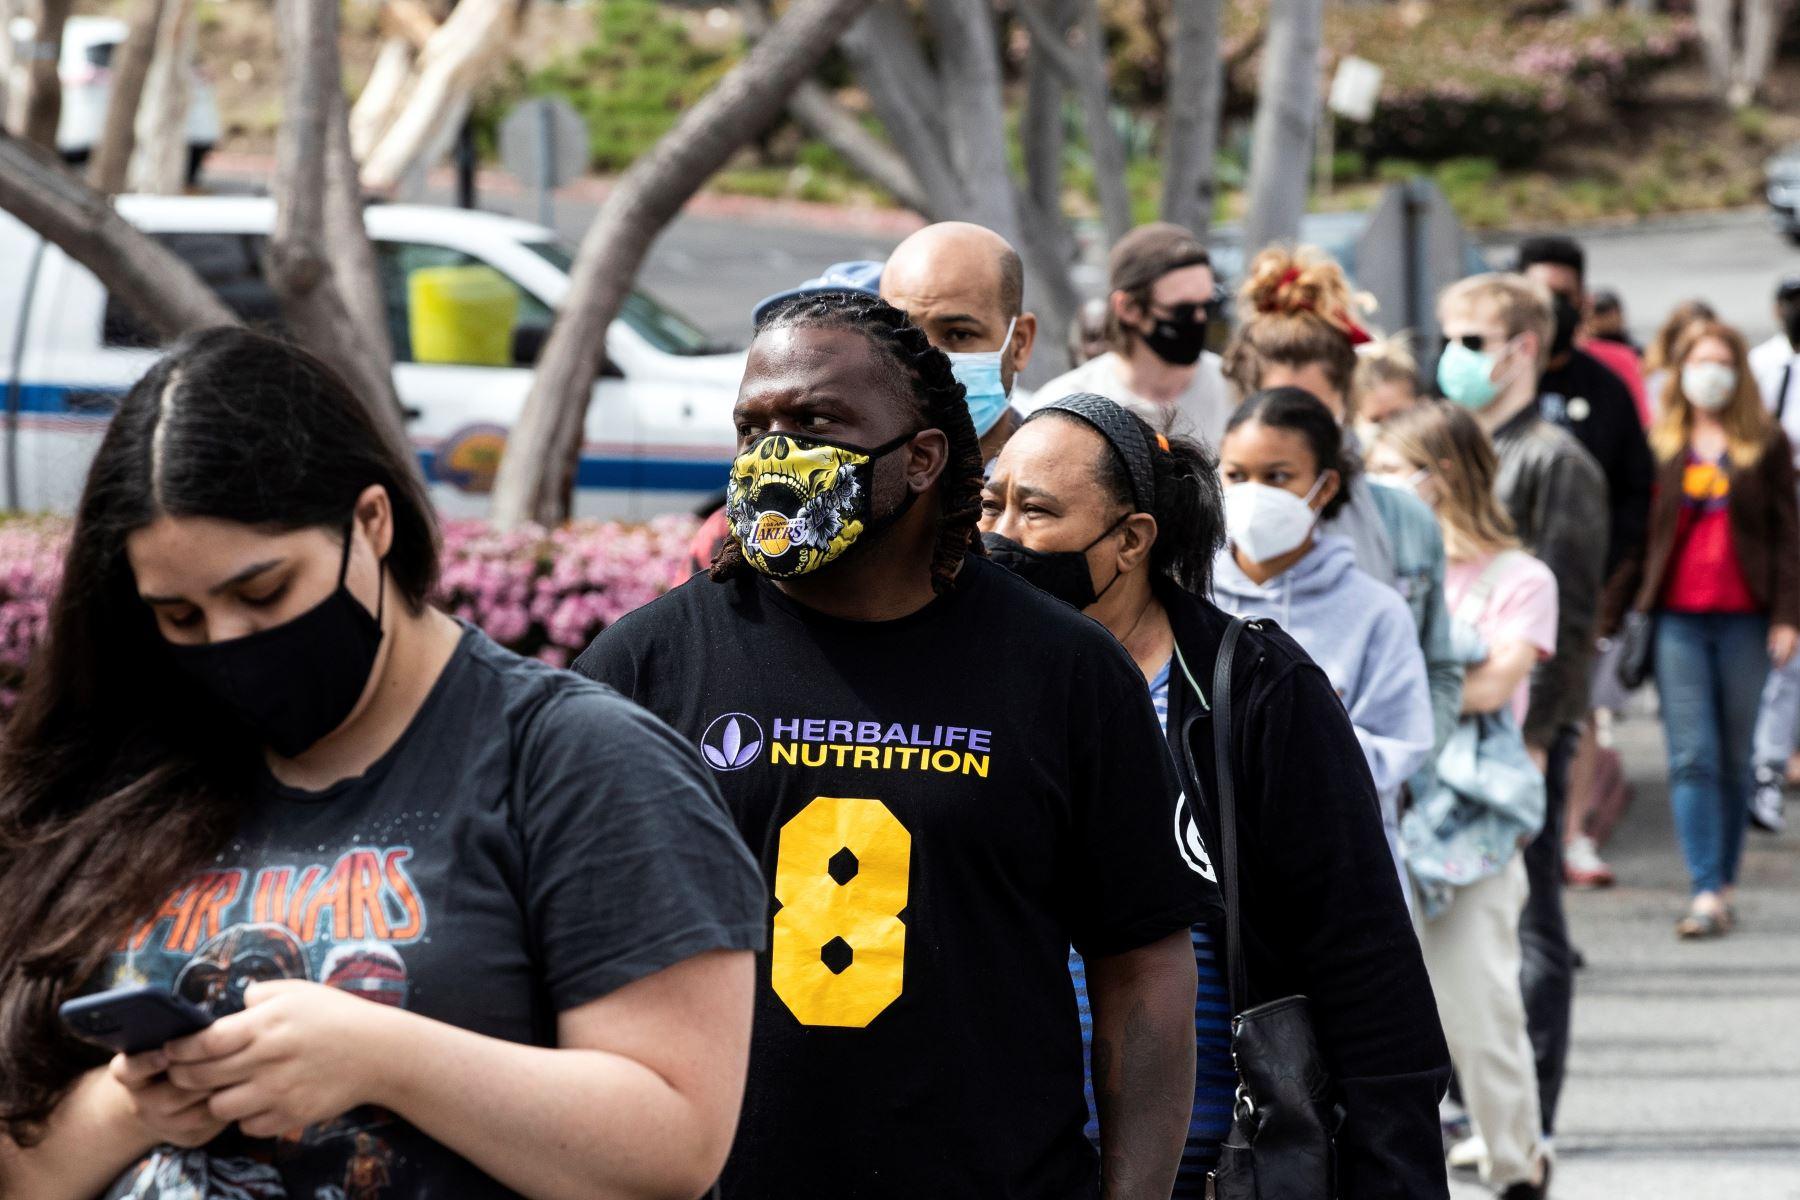 Personas hacen fila para vacunarse en la clínica de vacunación contra la Covid-19 de la Agencia Federal para el Manejo de Emergencias (FEMA) en Crenshaw, California, Estados Unidos, 06 de abril de 2021. Foto: EFE